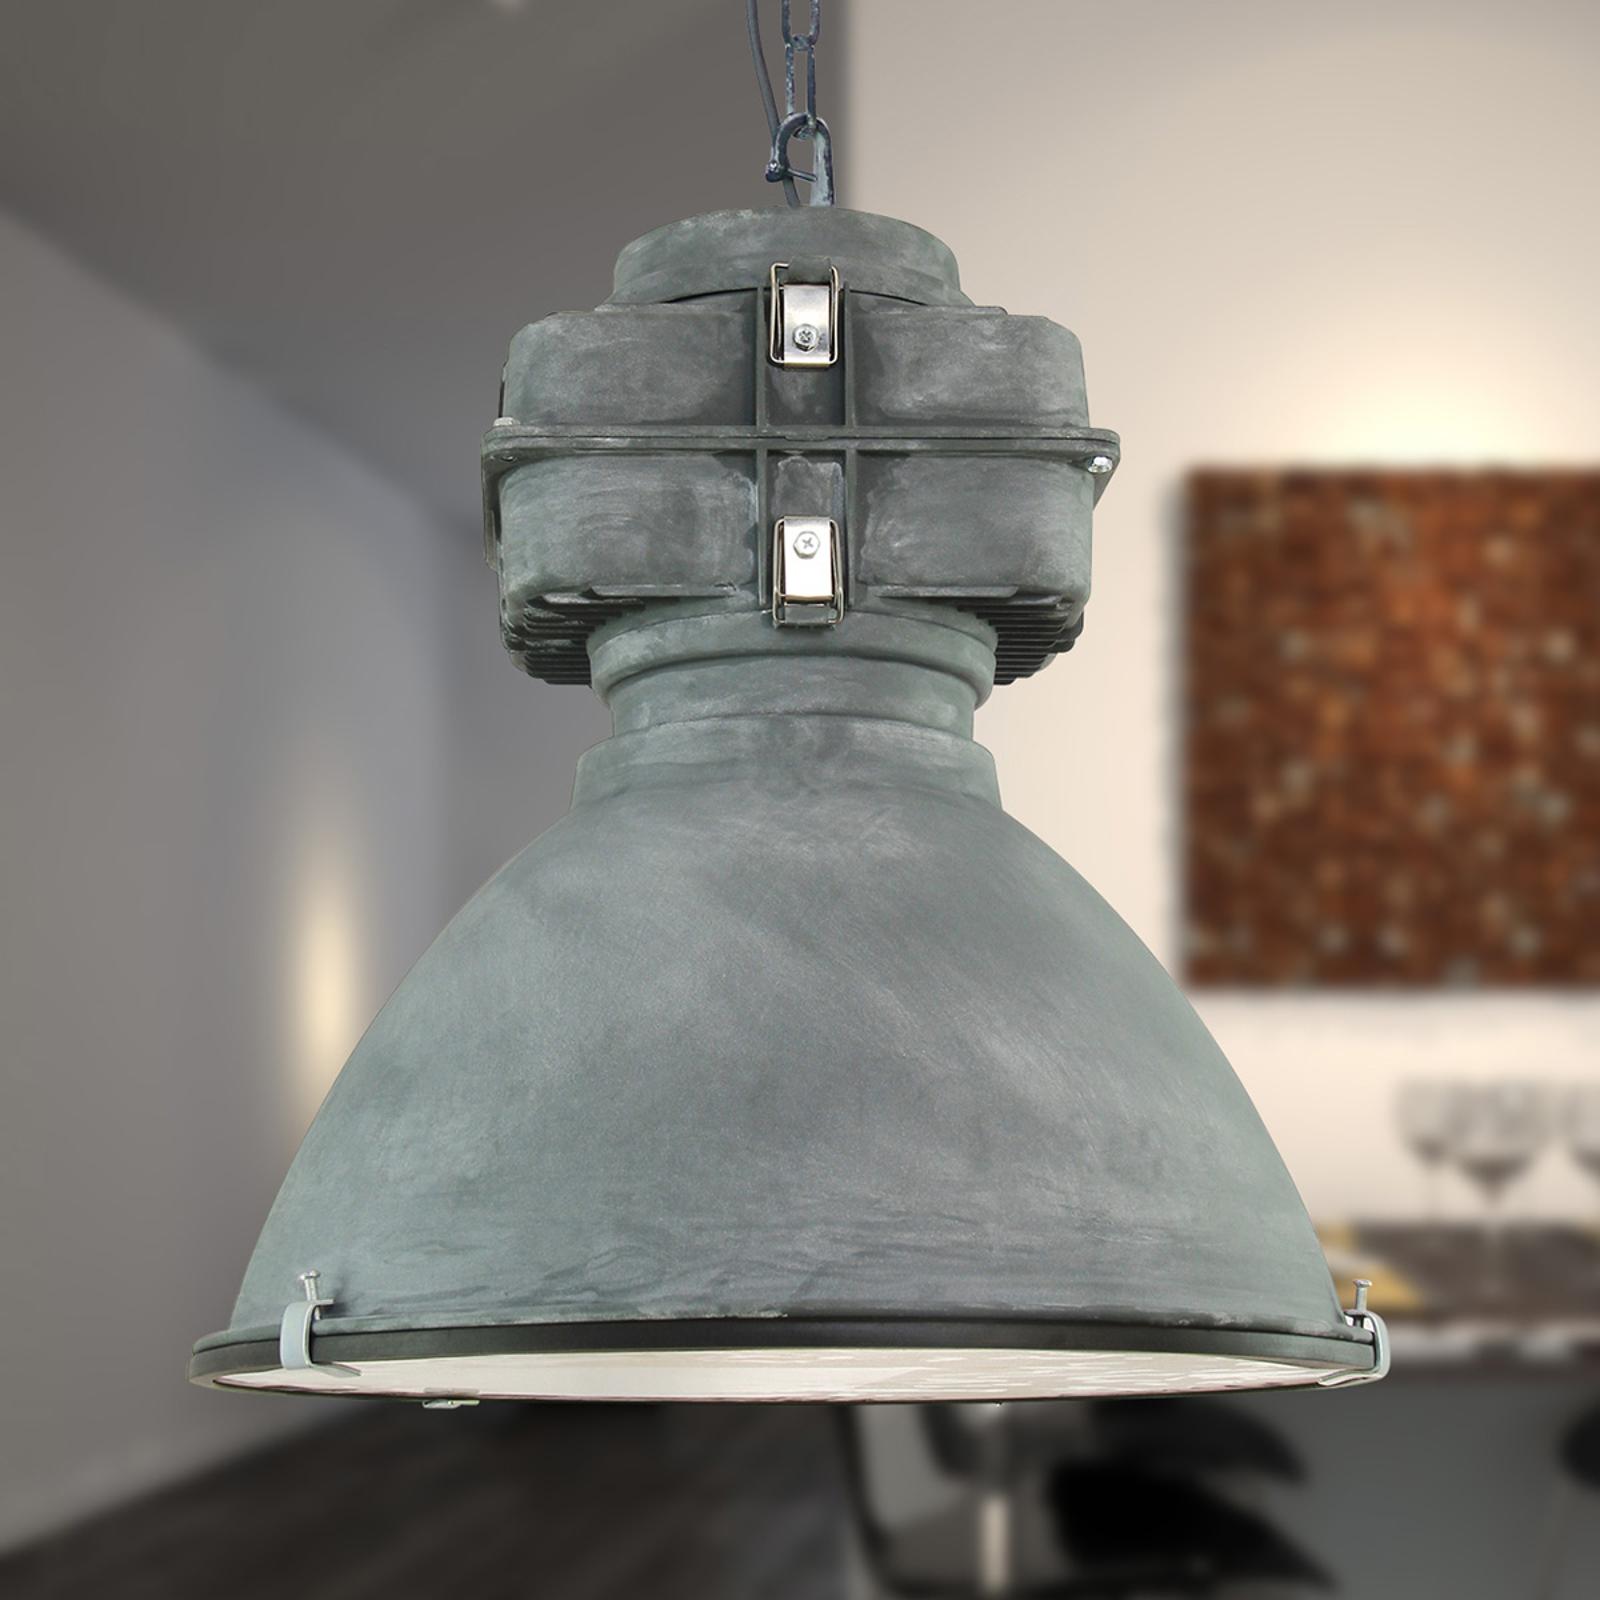 Anouk závesná vintage lampa sklenený difuzér L06_1509039_1